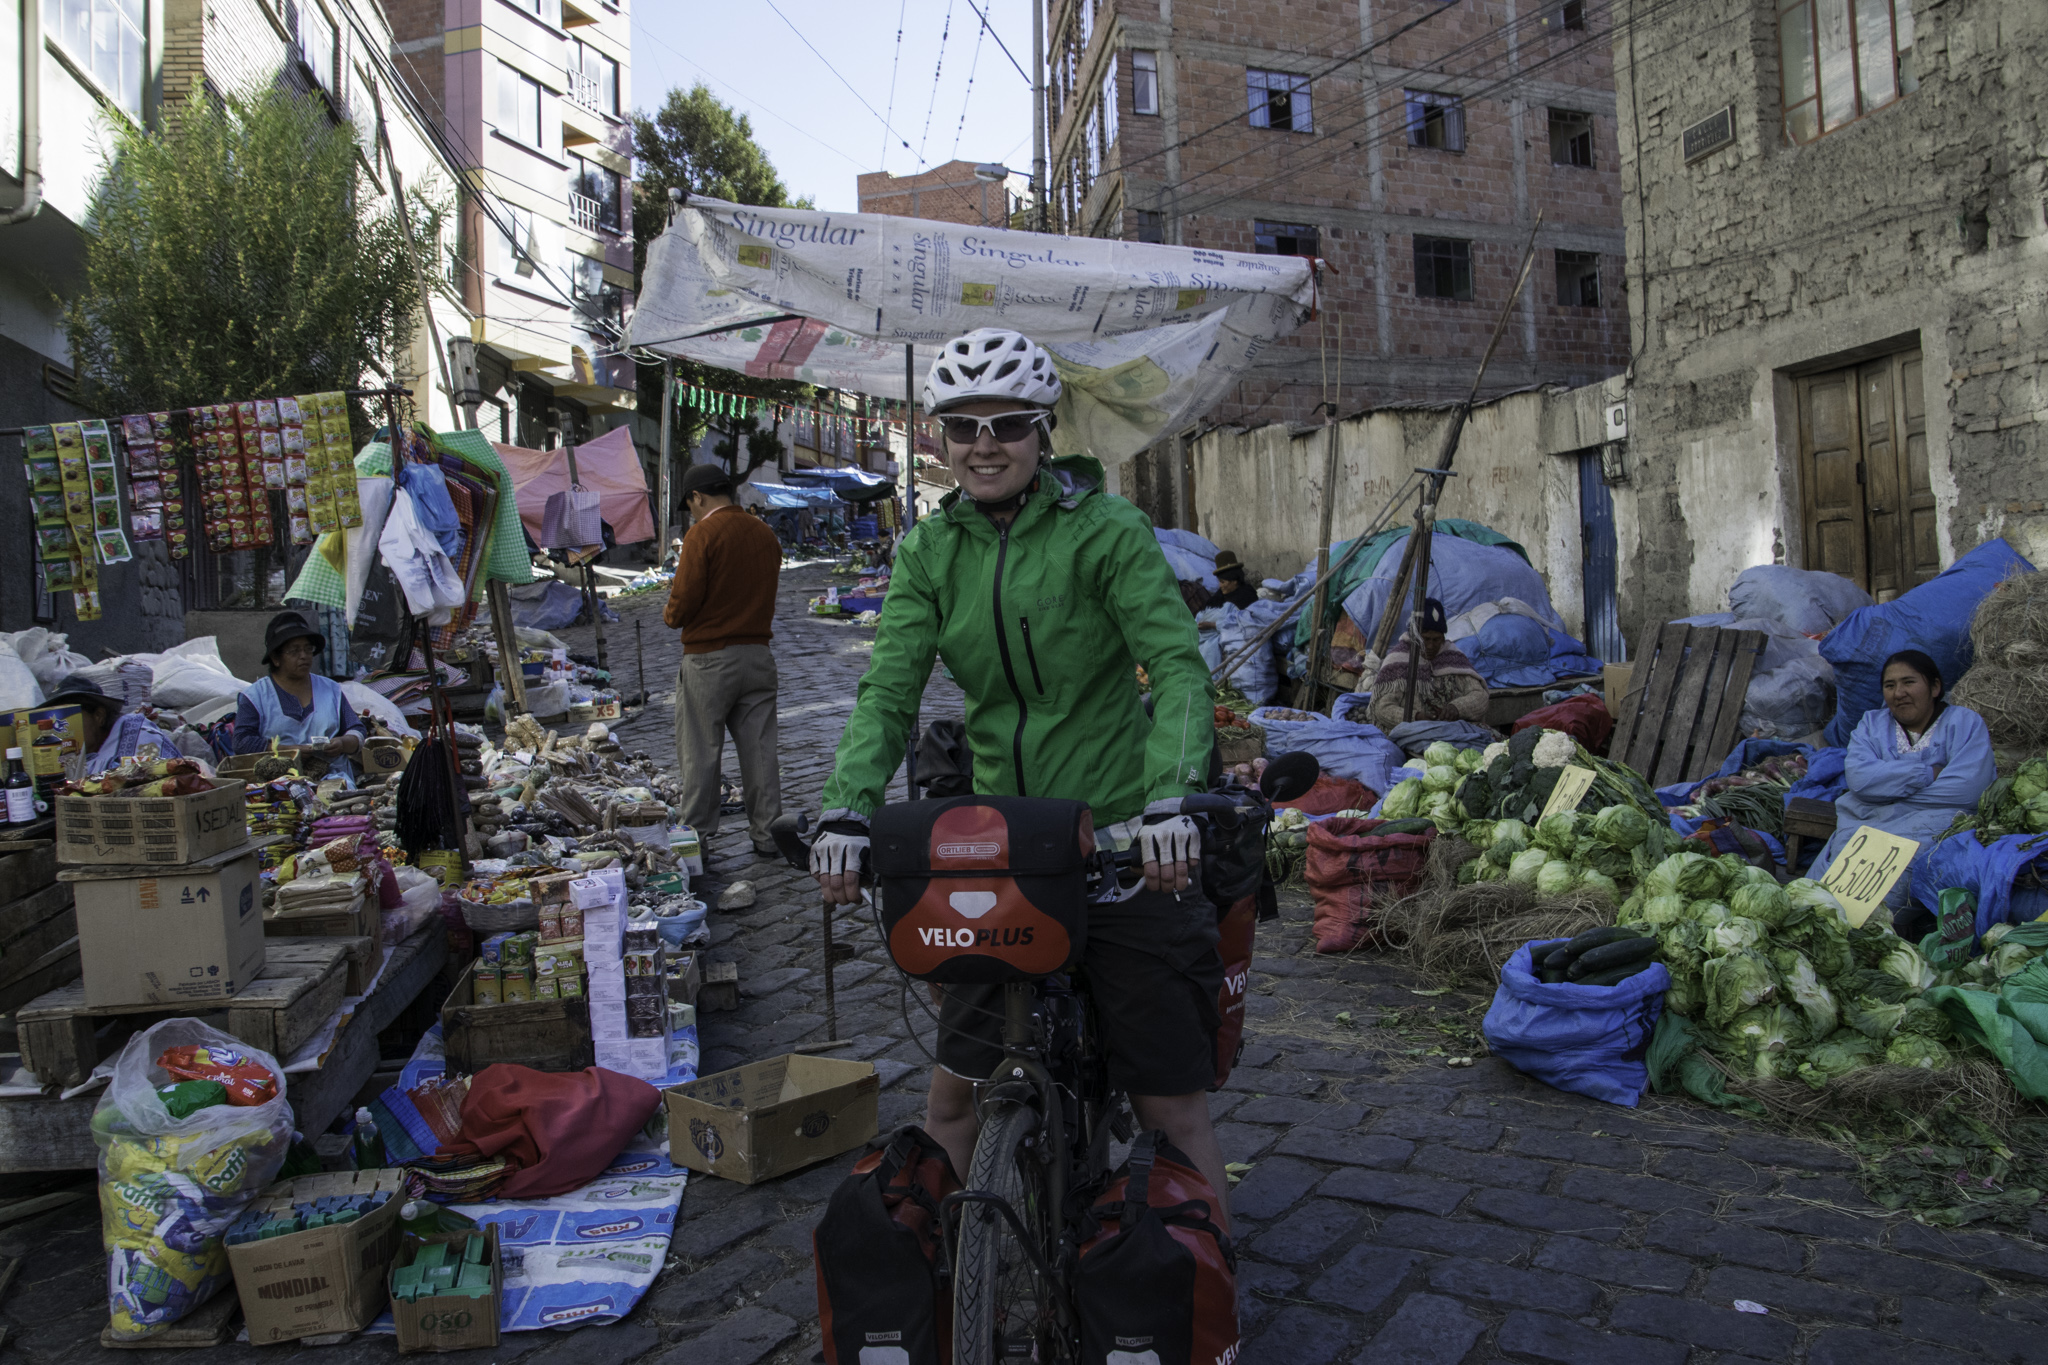 Fahrt durch einen Strassenmarkt